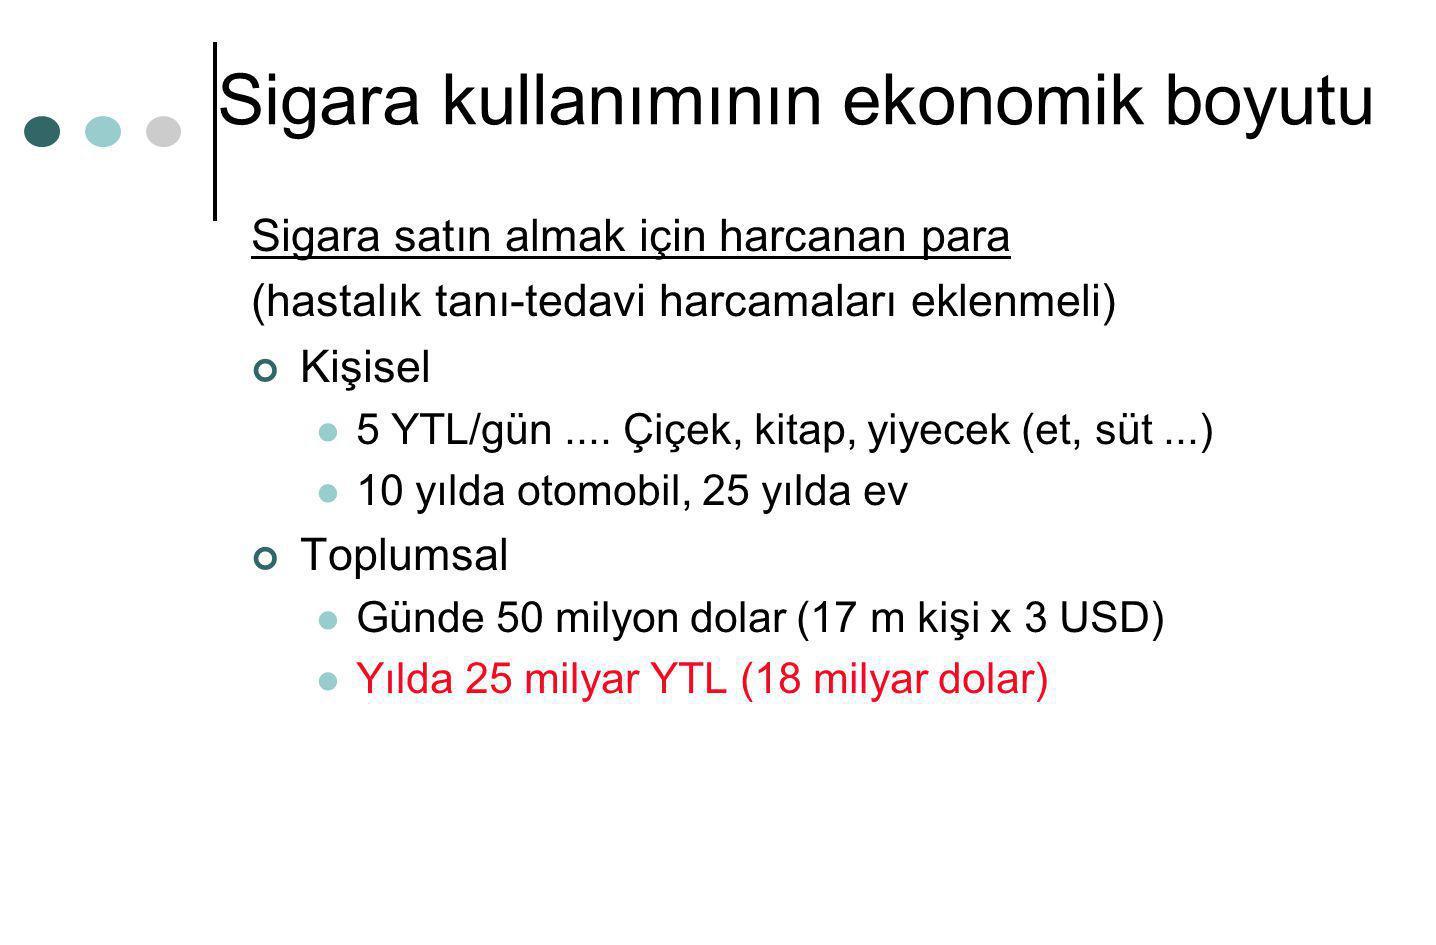 Sigara kullanımının ekonomik boyutu